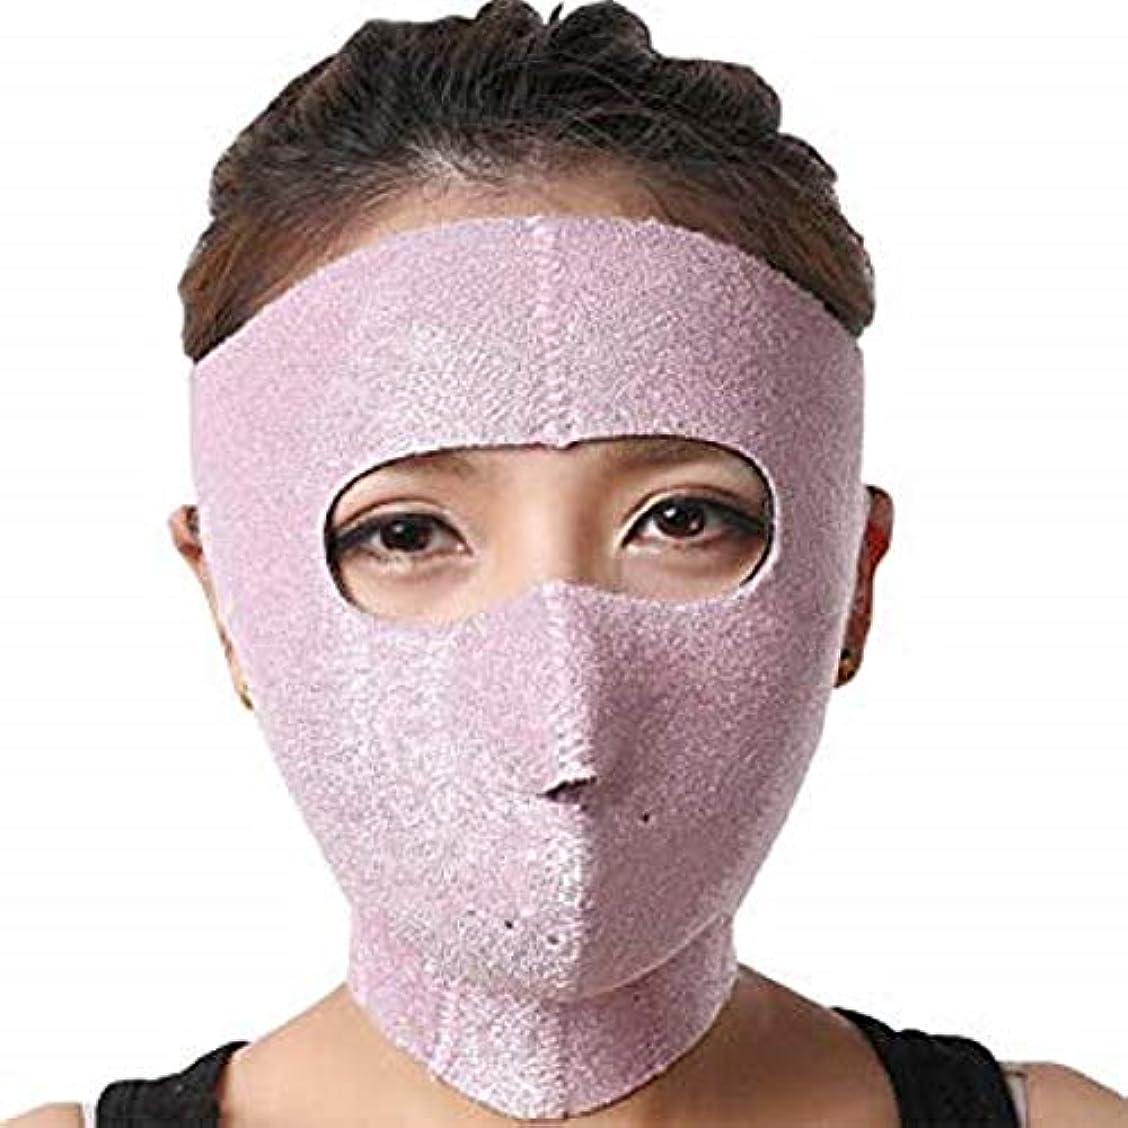 壮大な簡単な手首リタプロショップ? 小顔矯正 3Dマスク 発汗 サウナ フェイスライン 引き締め